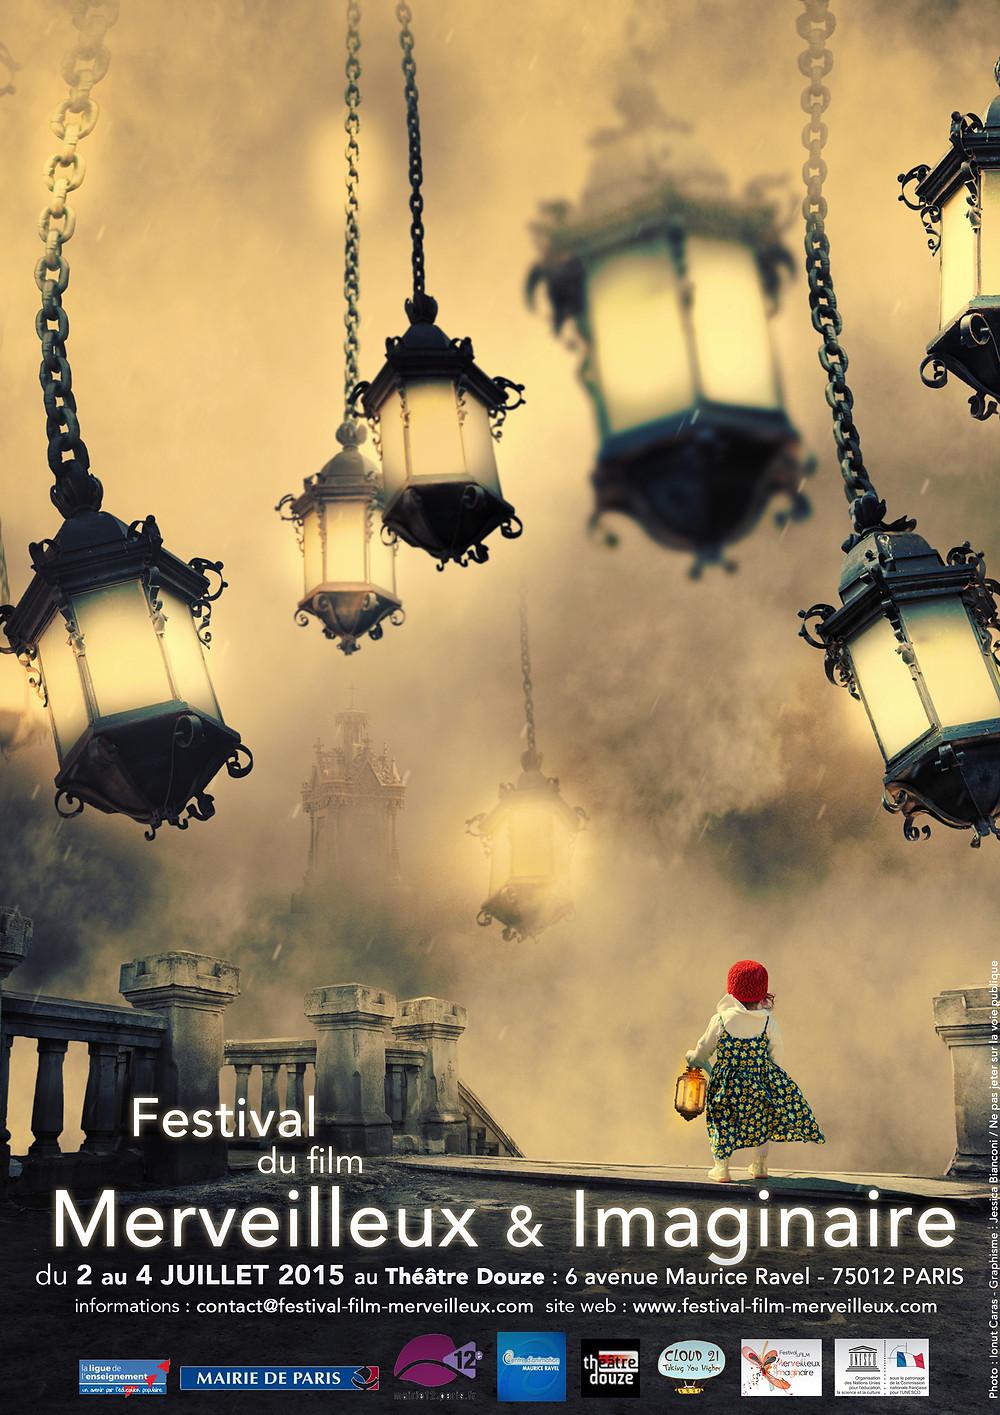 poster festival du film Merveilleux et Imaginaire Unesco.jpg